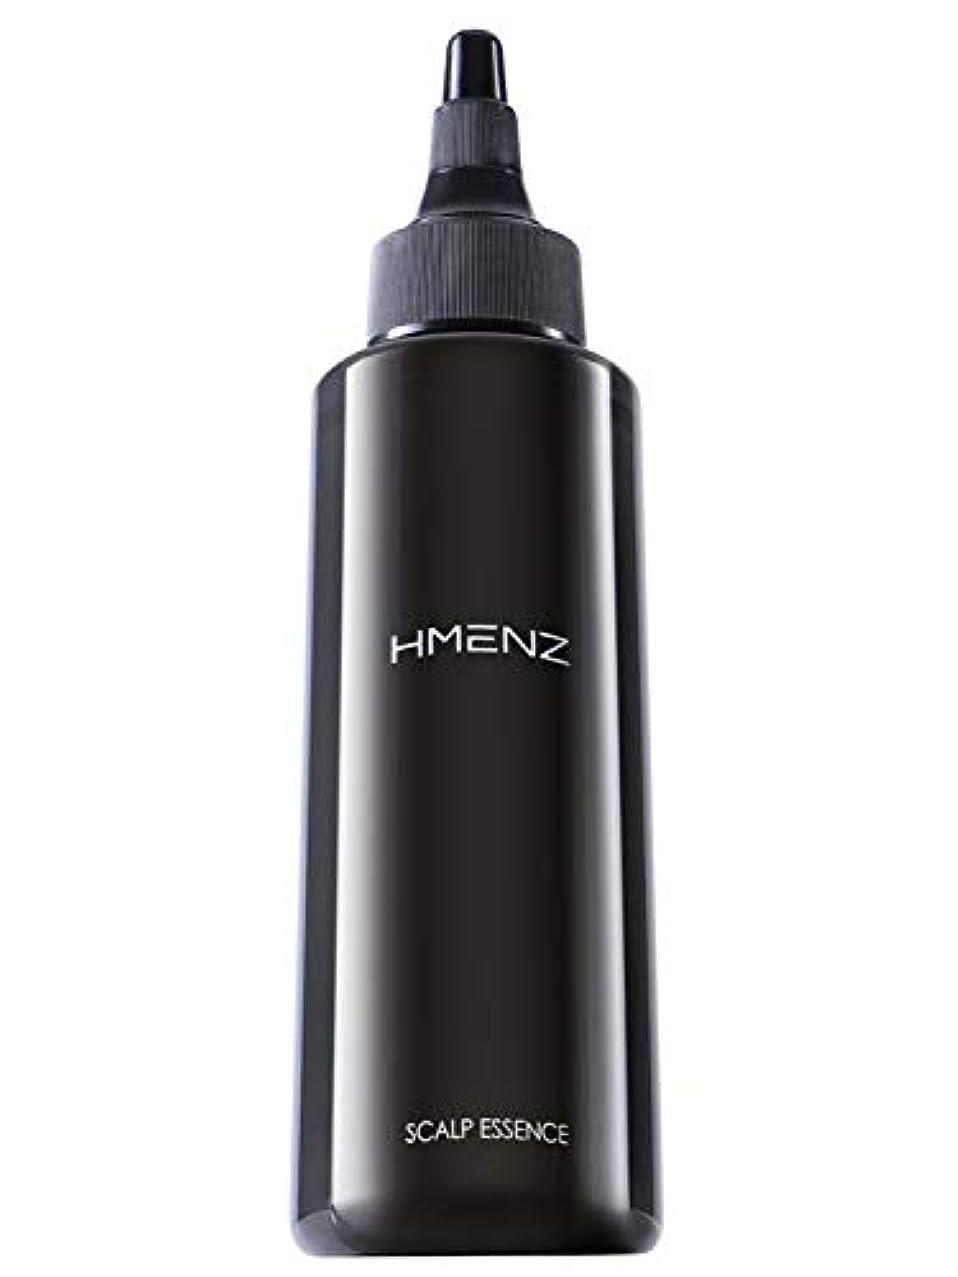 シャツ解任予想する医薬部外品 HMENZ メンズ 育毛剤 スカルプエッセンス 毛髪エイジングケアシリーズ 和漢根 海藻配合 育毛トニック 120ml